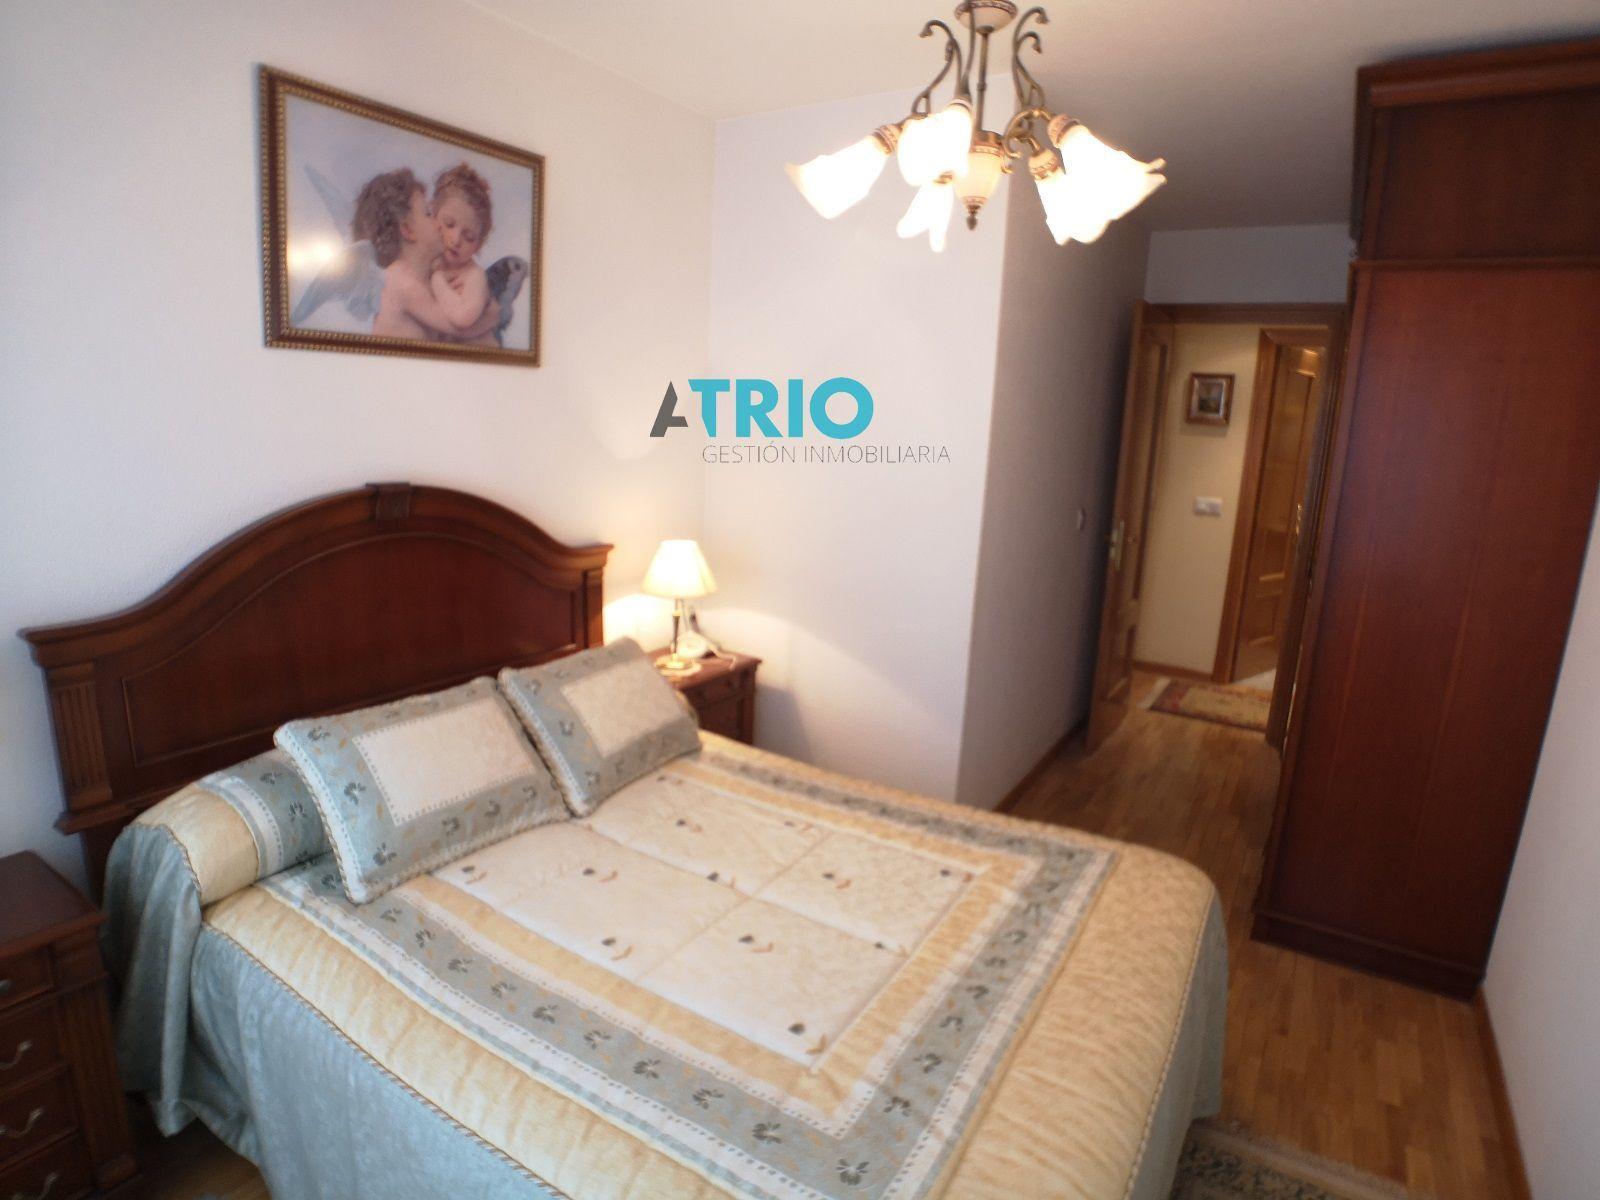 dia.mobiliagestion.es/Portals/inmoatrio/Images/6789/5035099